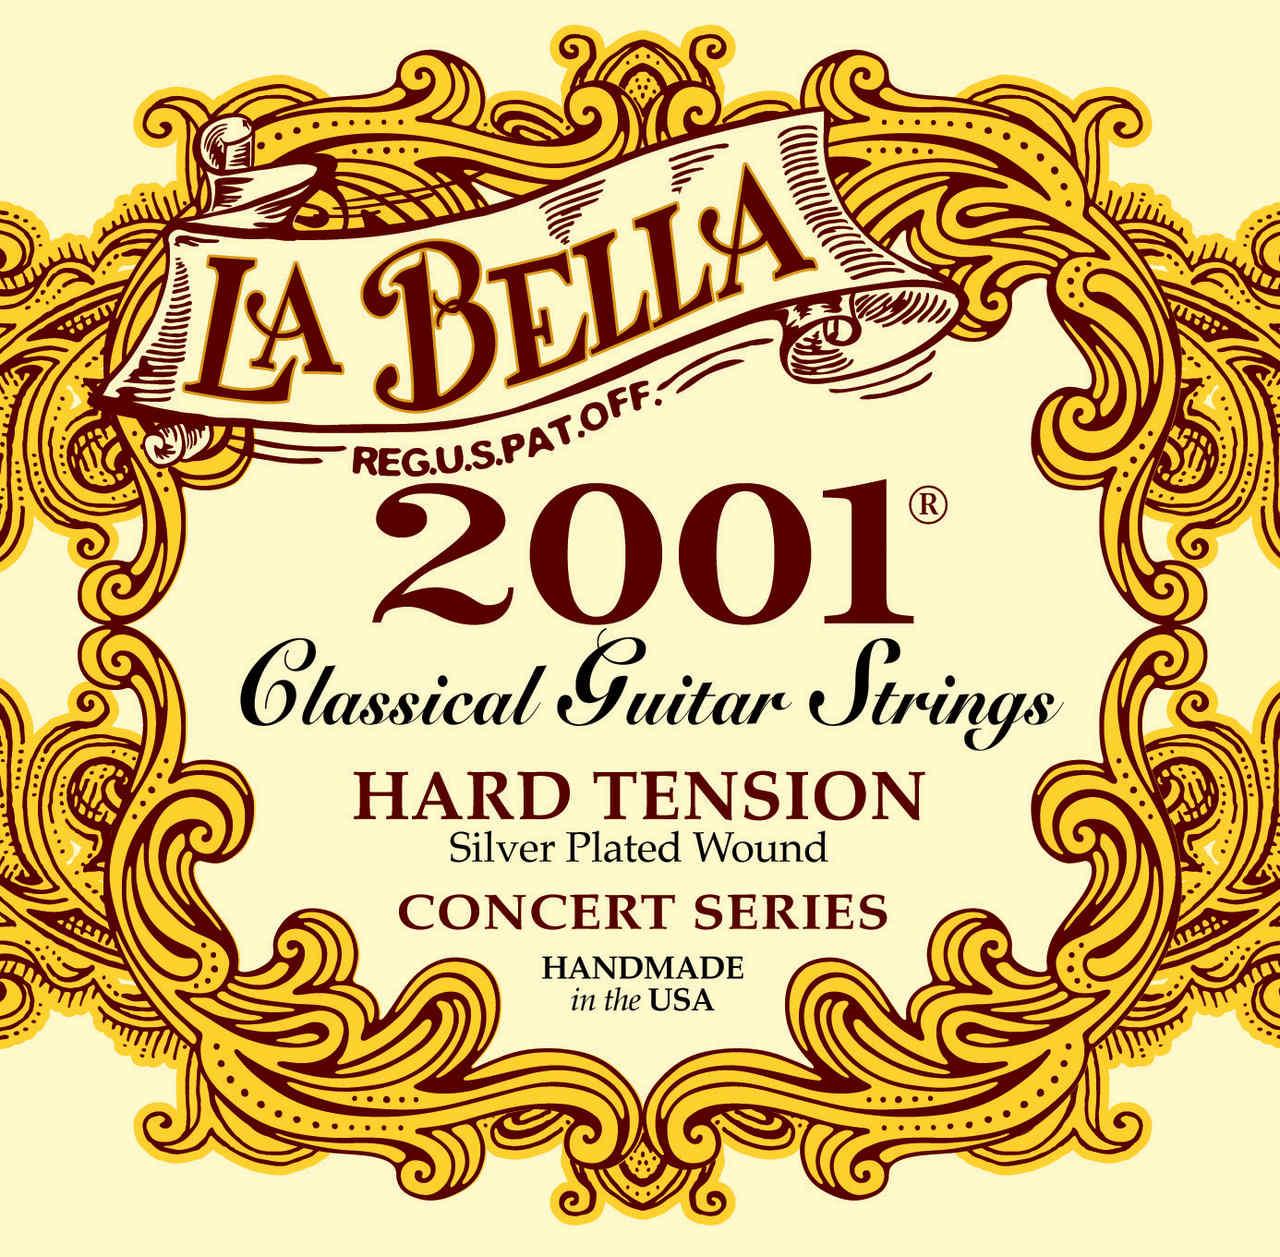 Encordoamento Labella para Violão Nylon 2001 HARD